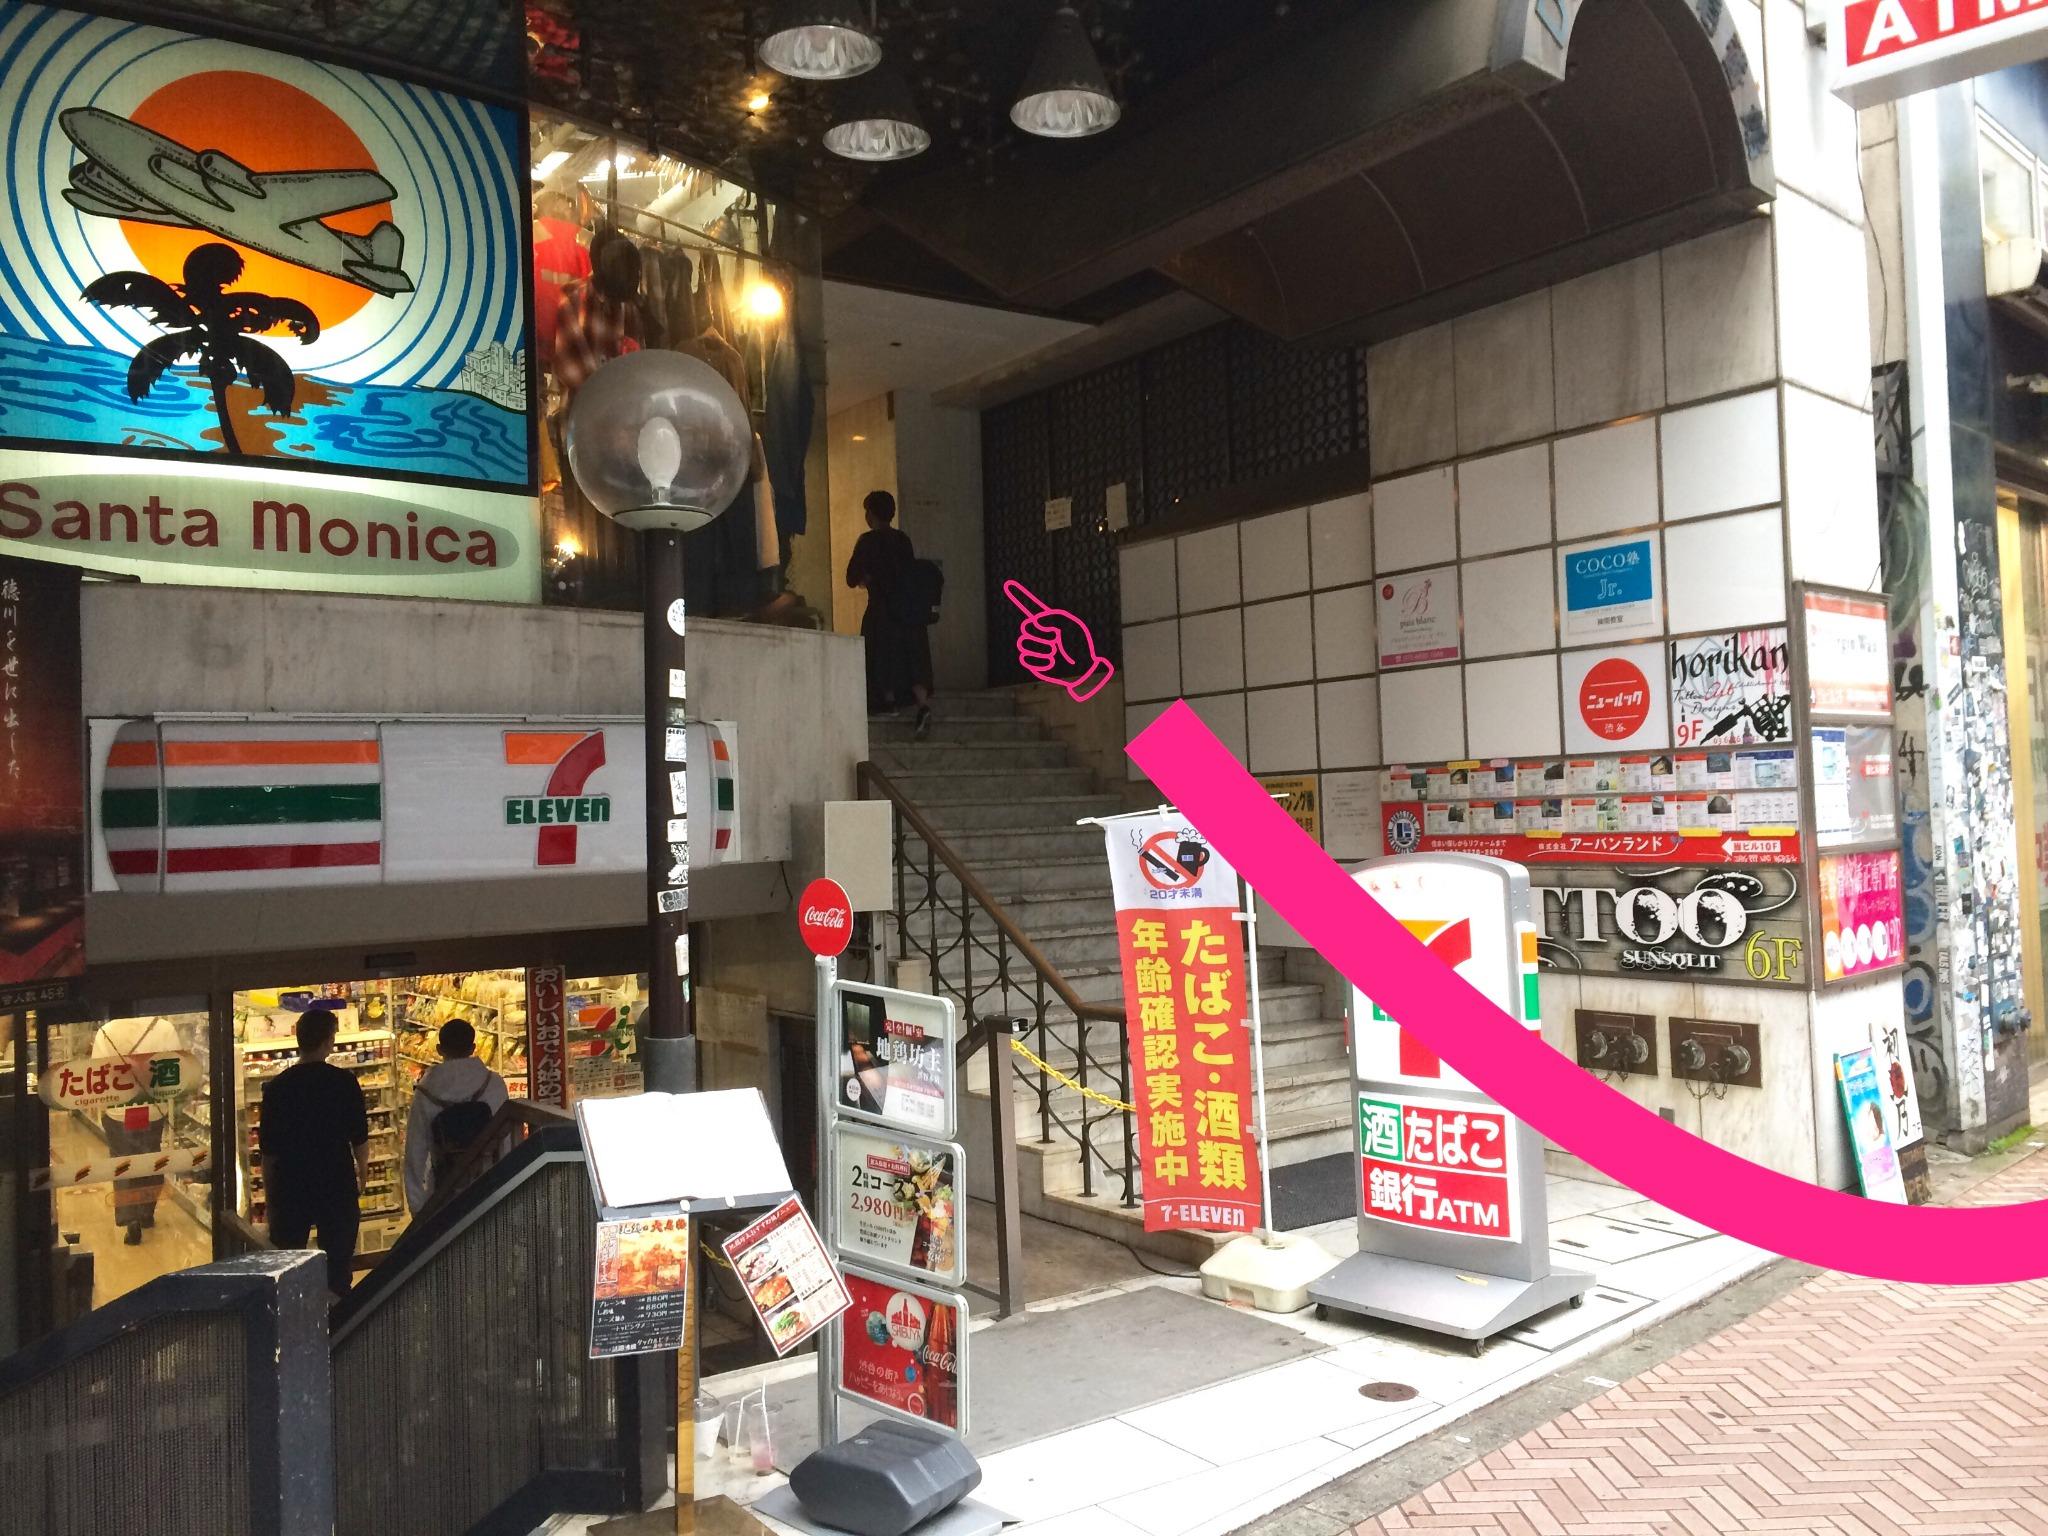 東京で当たる霊媒スピリチュアルのメリサ先生が在籍の占い館BCAFE(ビーカフェ)渋谷店は、ダイネス壱番館渋谷(1階にセブンイレブン)のビル8階です。階段を上った奥の左手にエレベーターがあります。